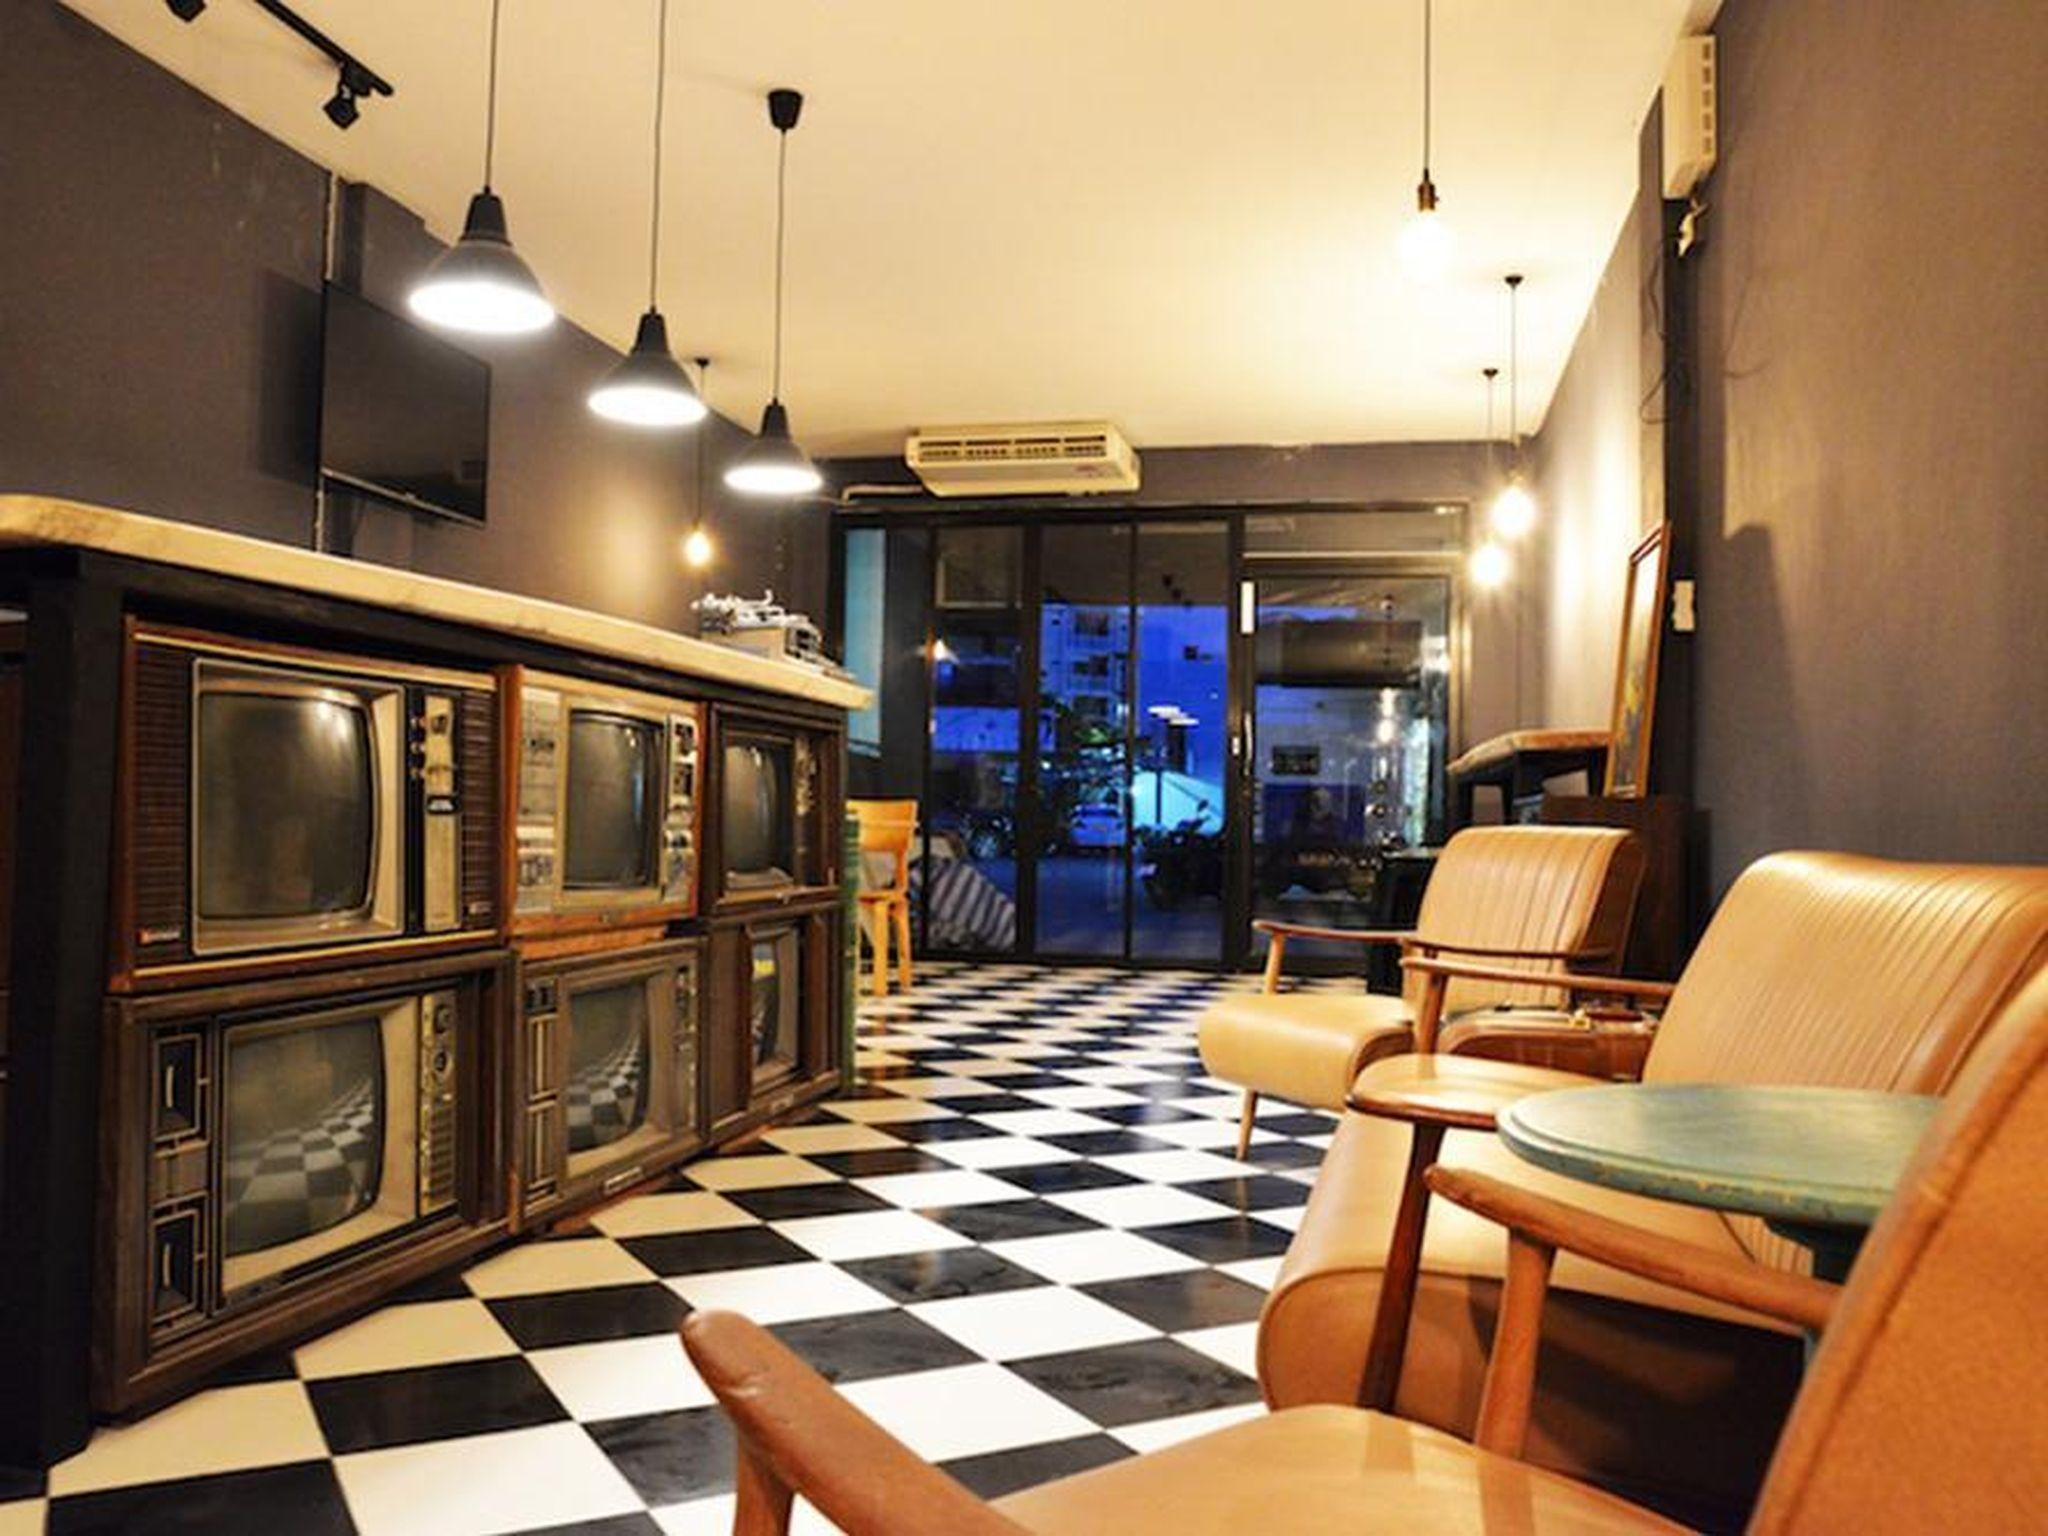 Chicroom Phuket Town Hotel ชีครูม ภูเก็ต ทาวน์ โฮเต็ล